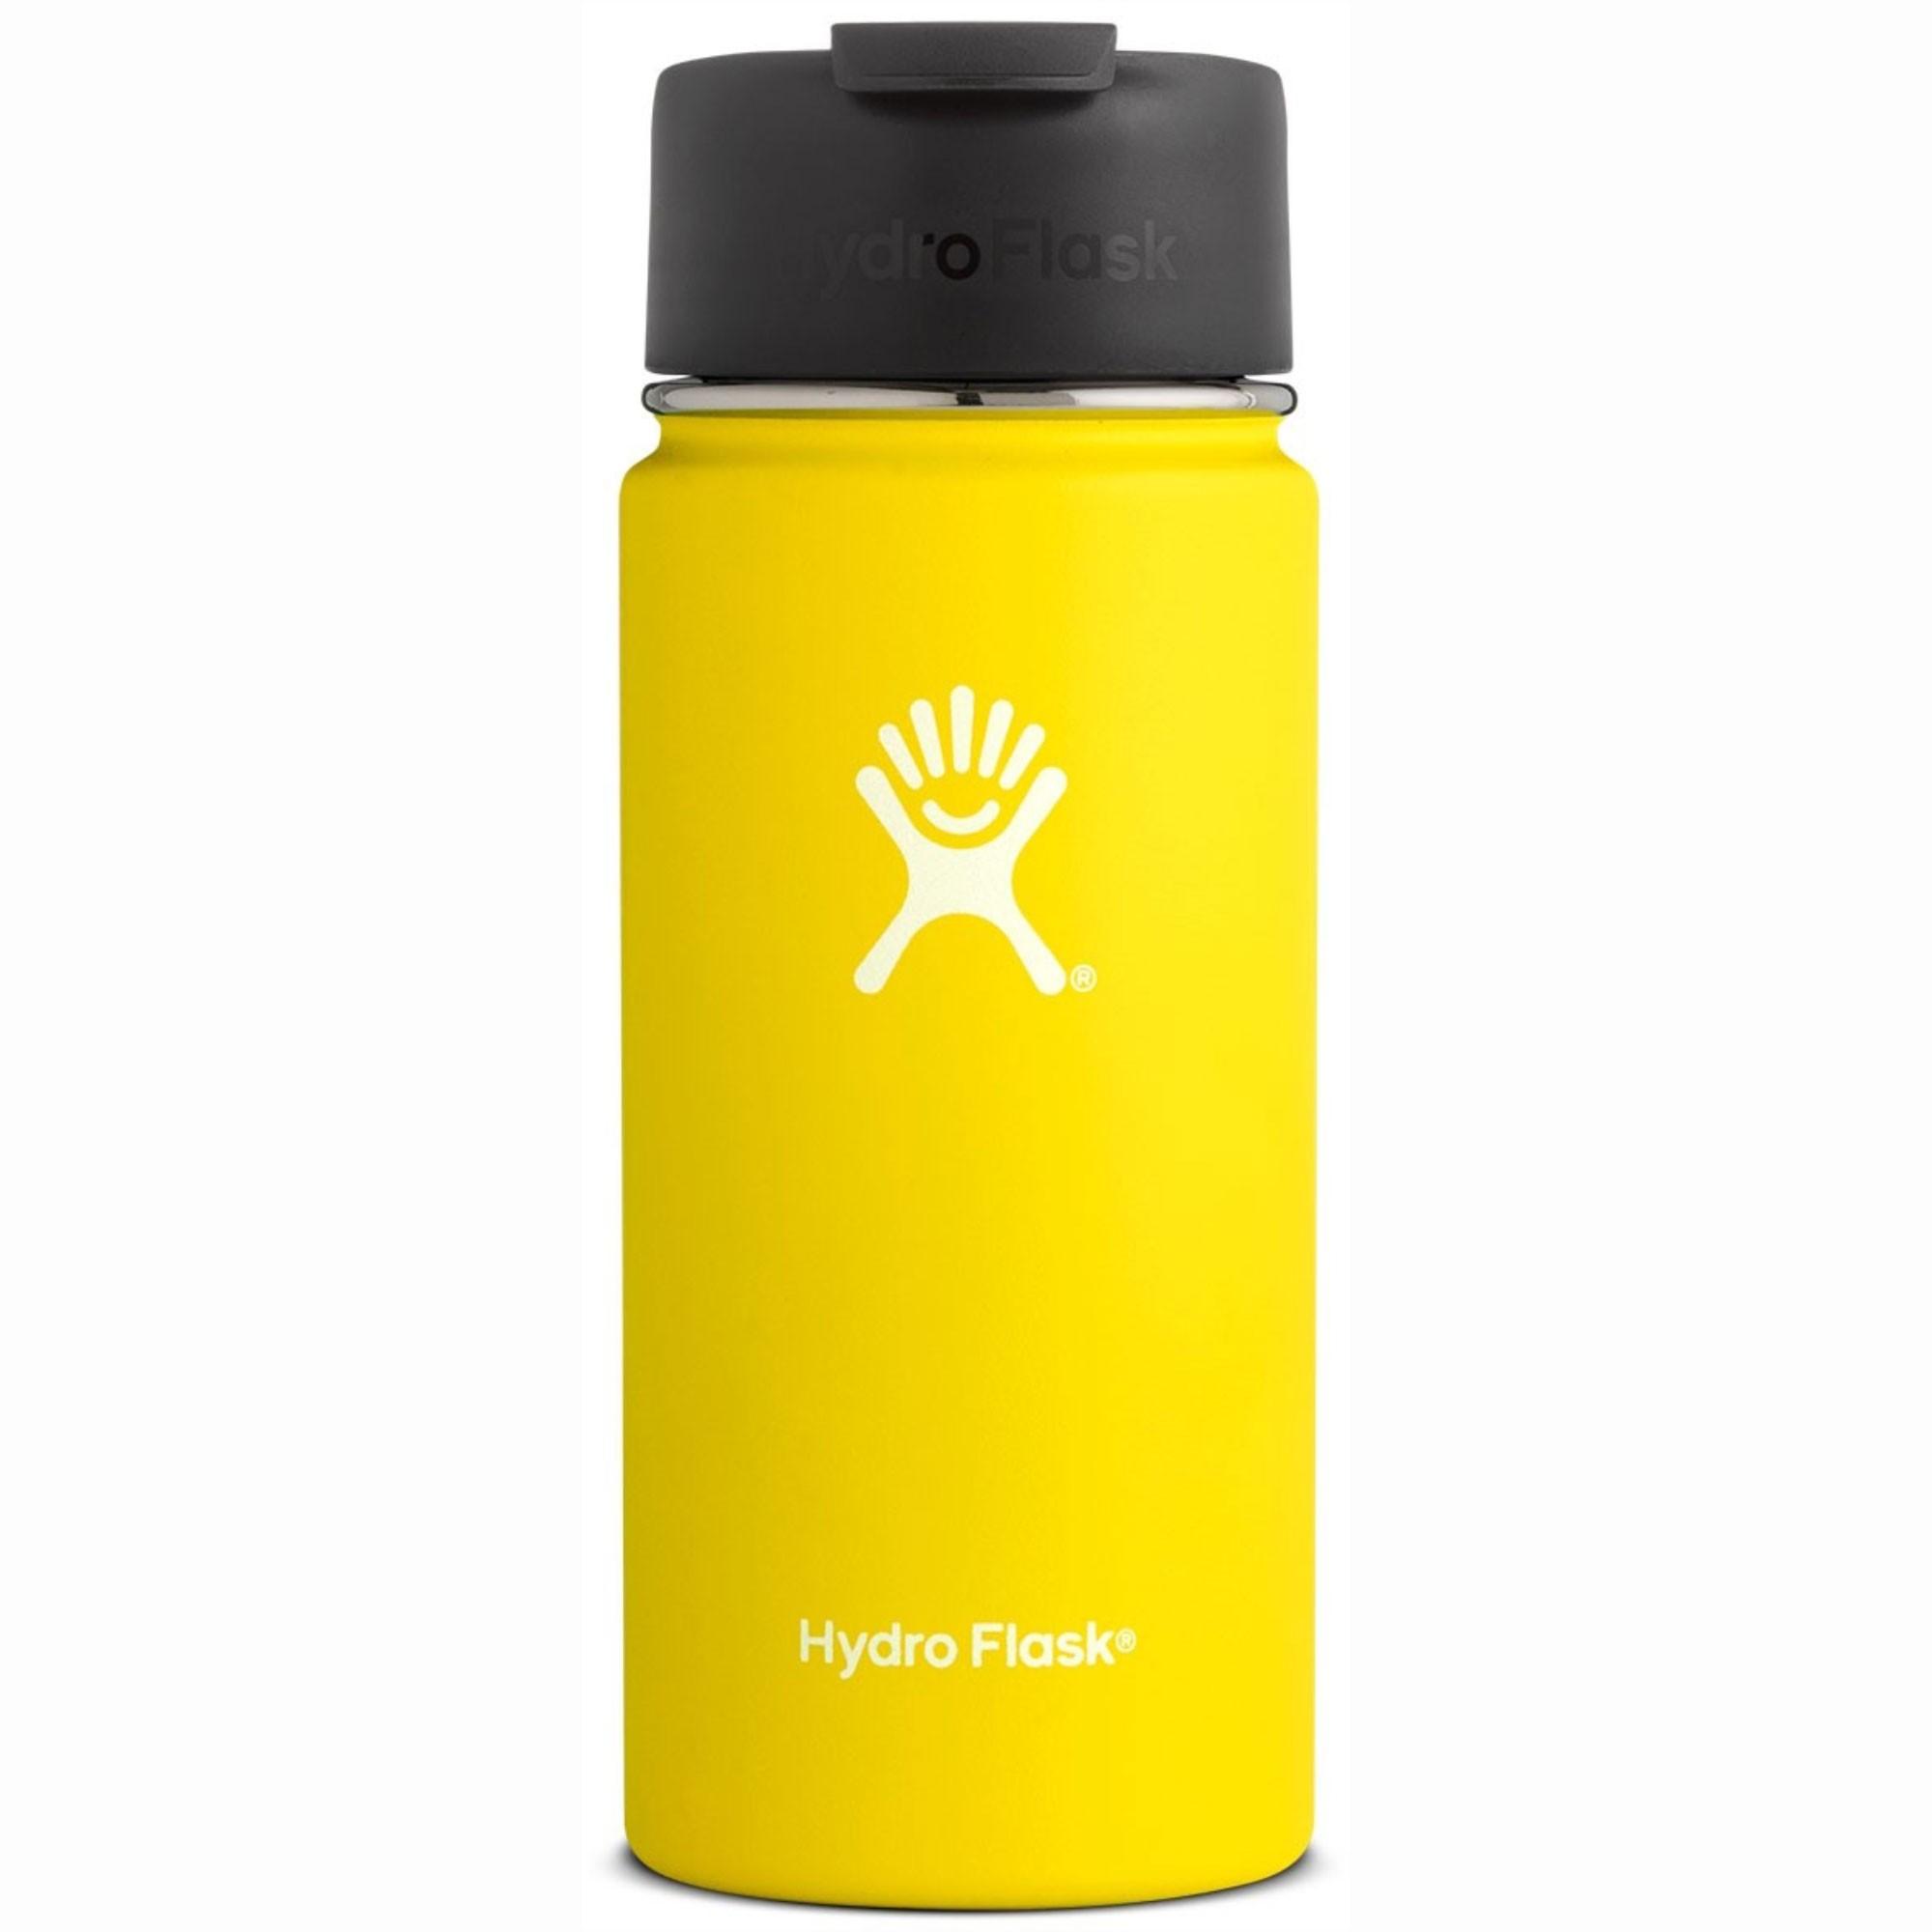 HYDRO FLASK - 16oz Wide Mouth Flask - Lemon